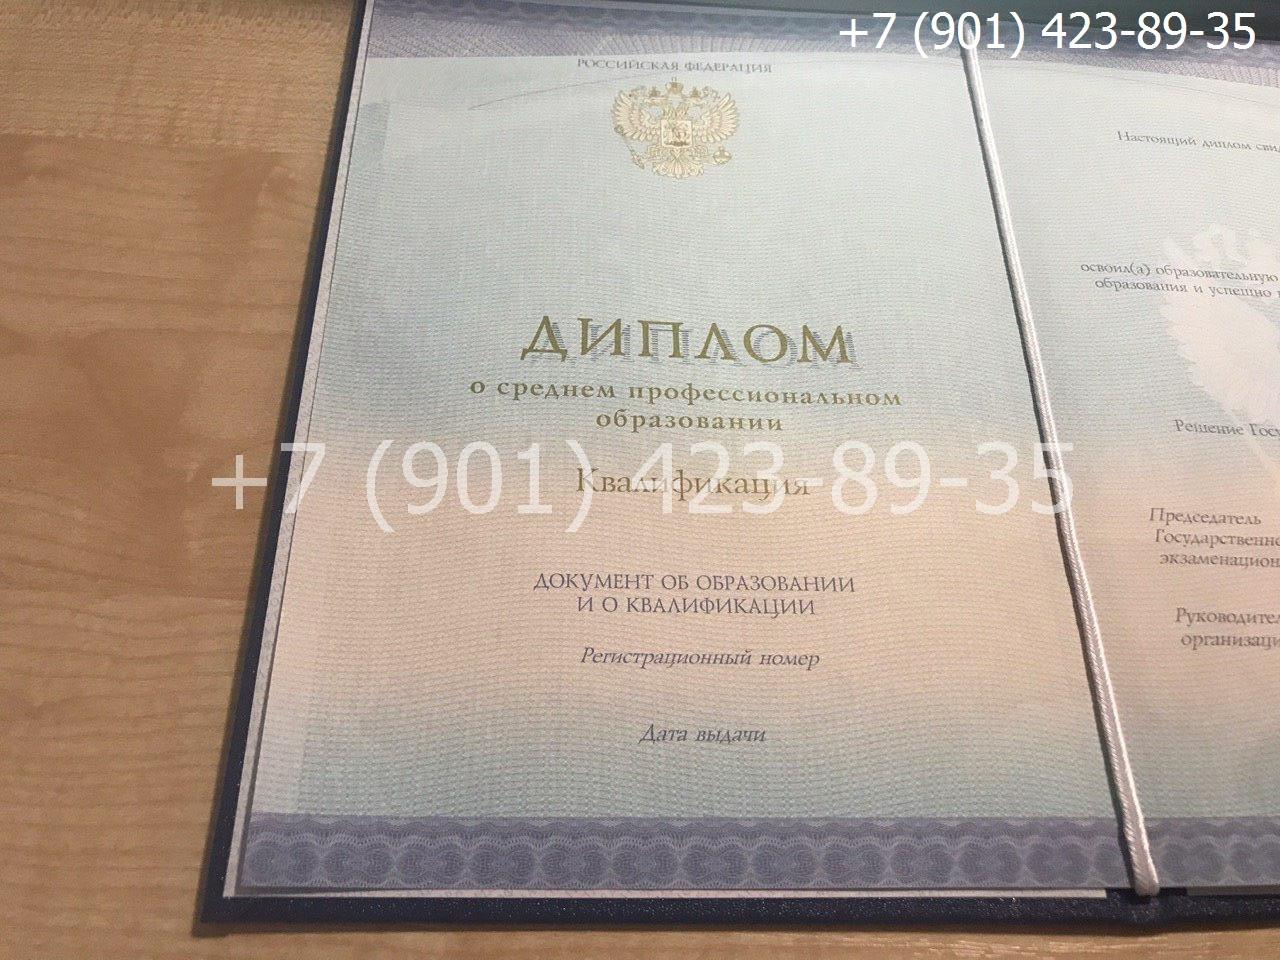 Диплом колледжа 2014-2019 годов, нового образца, титульный лист